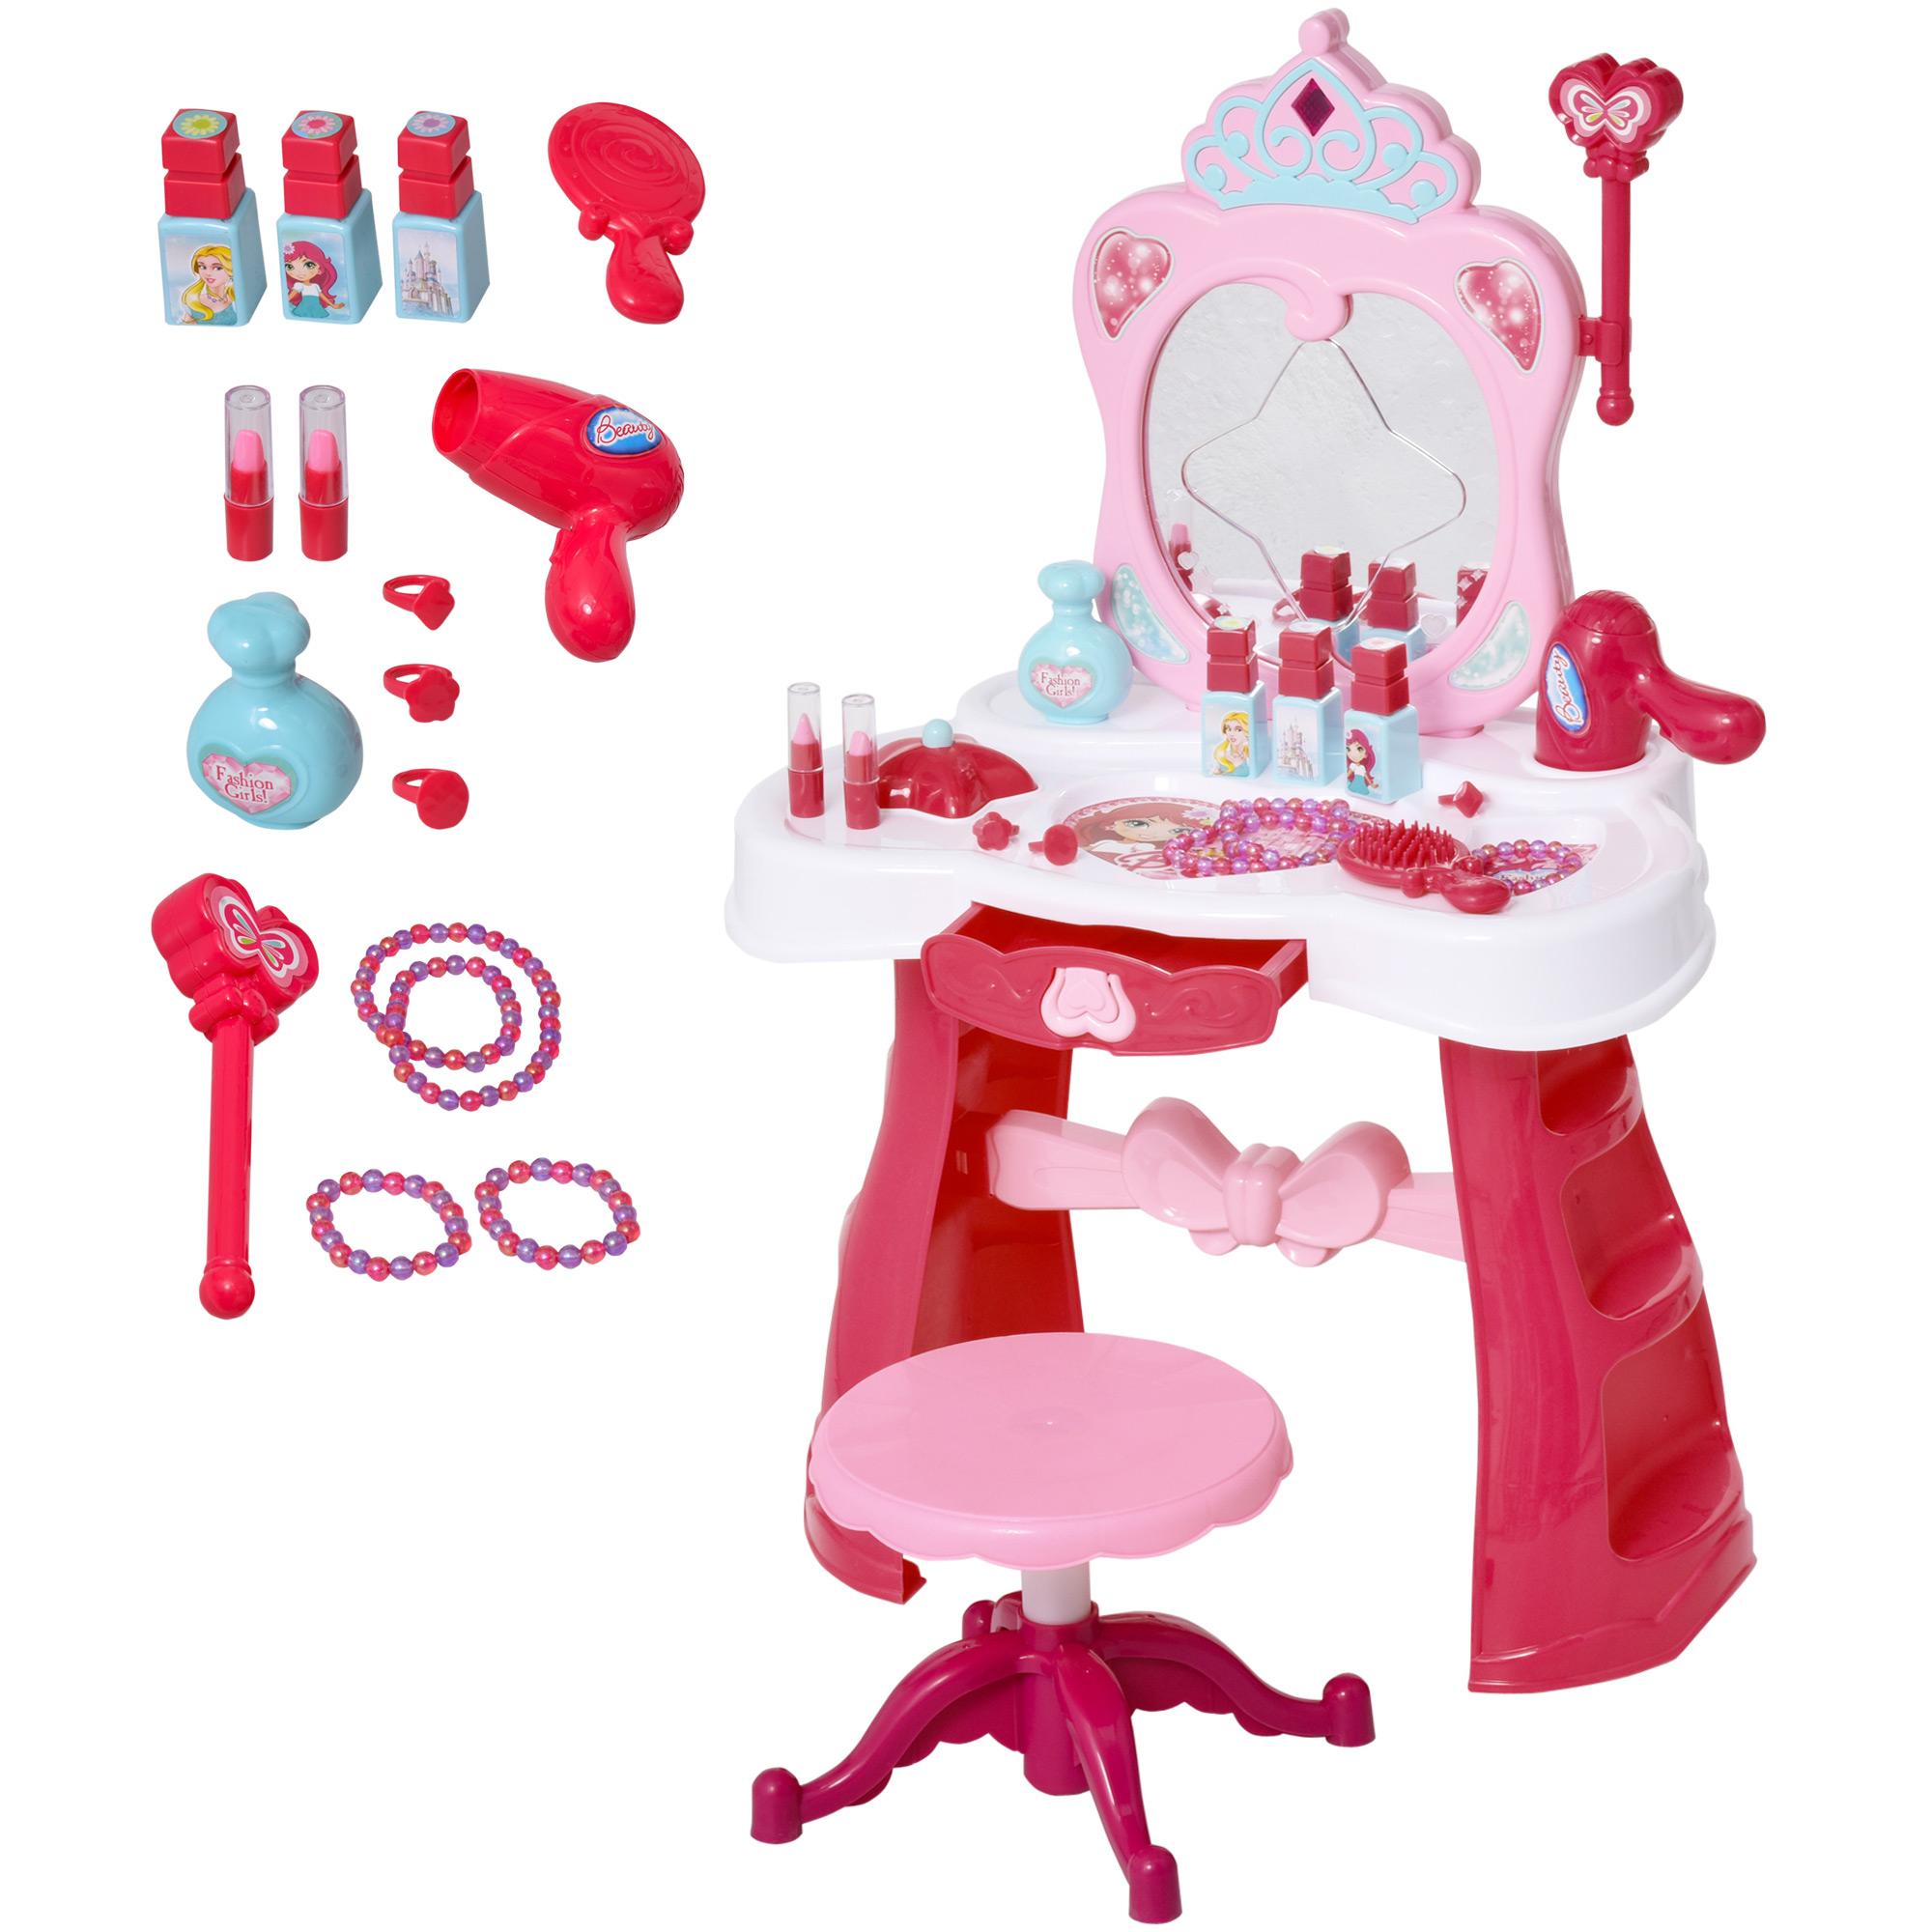 Homcom Postazione Trucco Giocattolo per Bambine con Sgabello Luci Suoni e Accessori Inclusi Bianca e Rosa